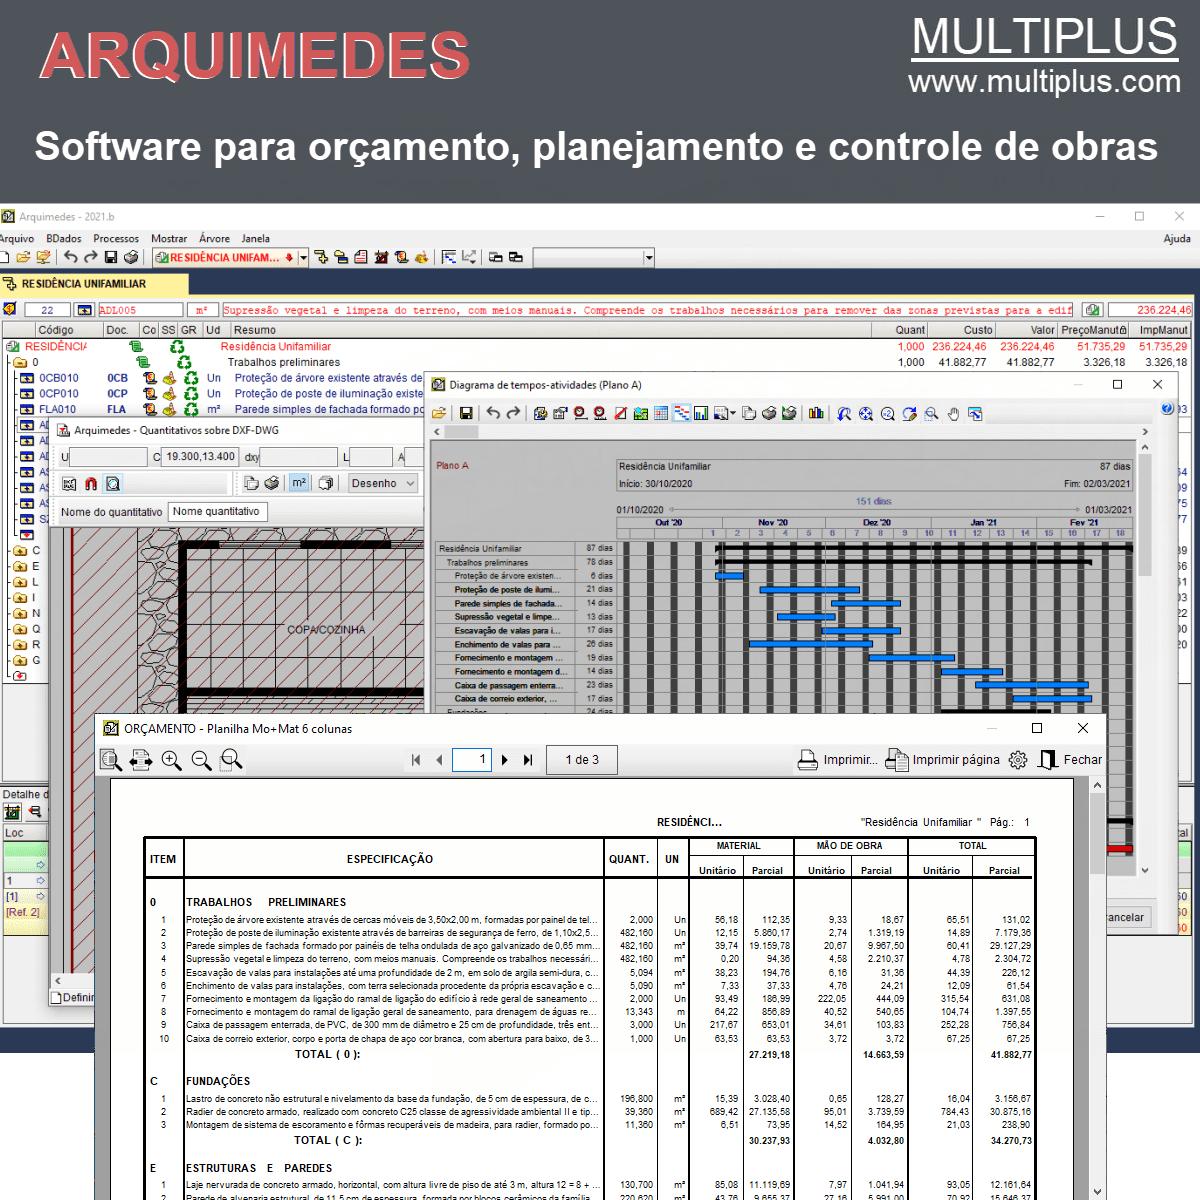 Software Arquimedes OR09 versão 2021 (Licença Eletrônica) incluindo Orçamento, Planejamento, Medição de Obras e Levantamento direto do CAD  - MULTIPLUS SOFTWARES